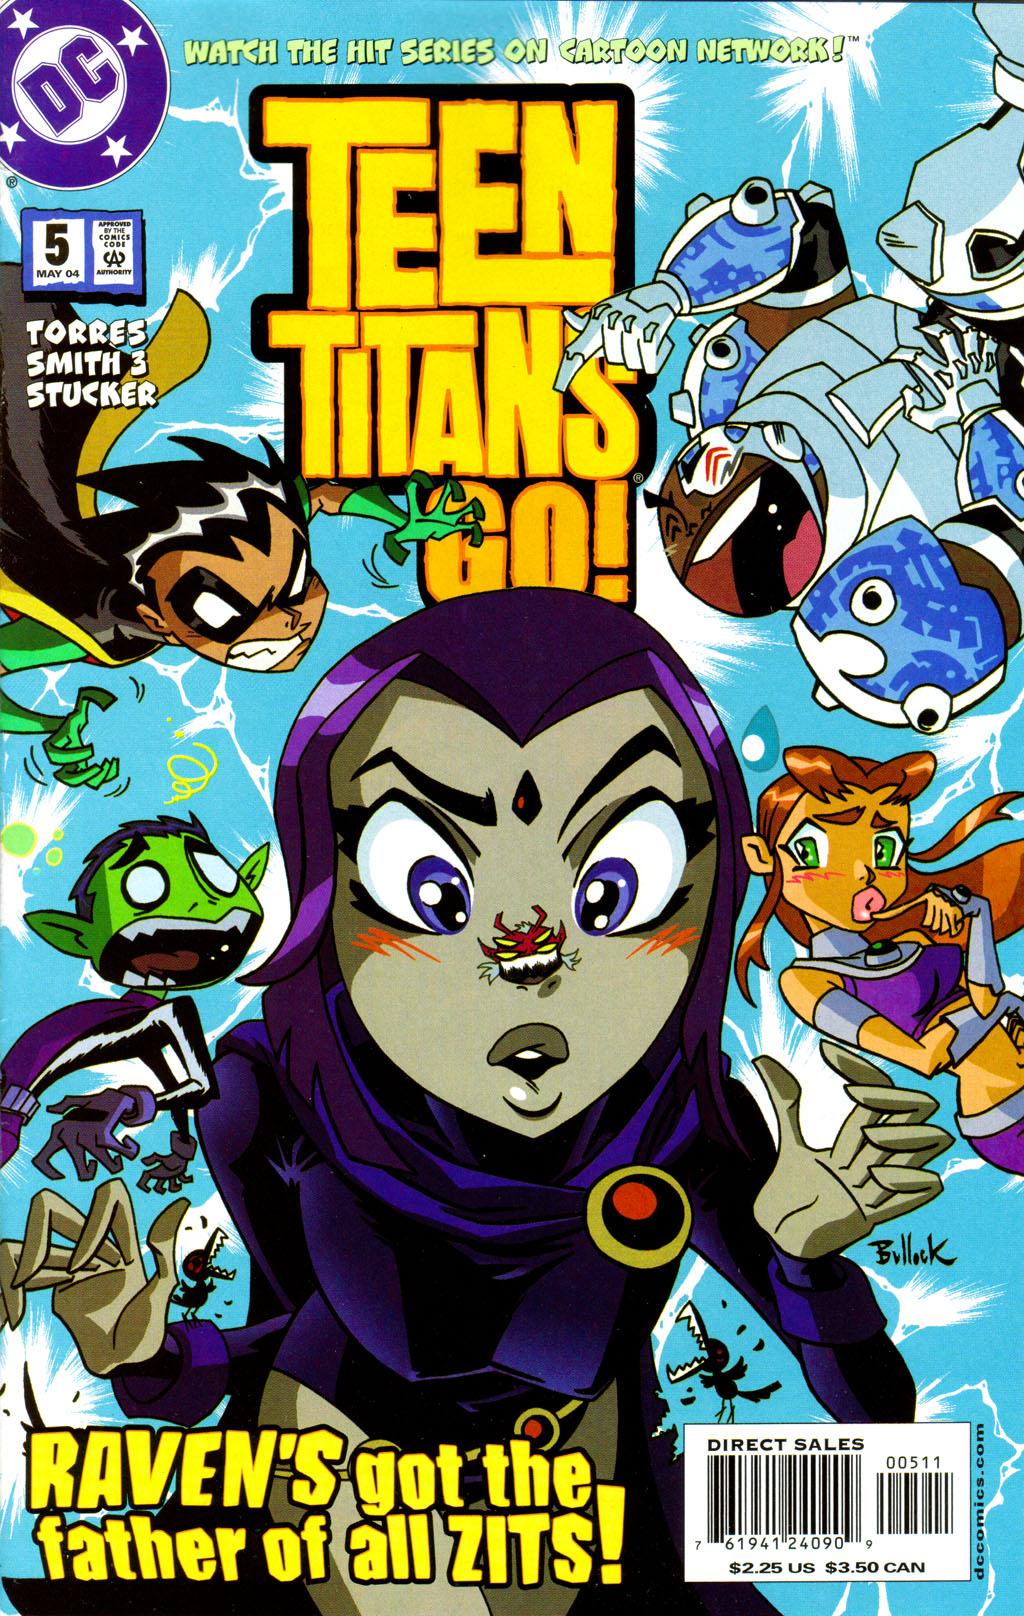 Monster Zit - Teen Titans Wiki - Robin, Starfire, Raven - photo#39